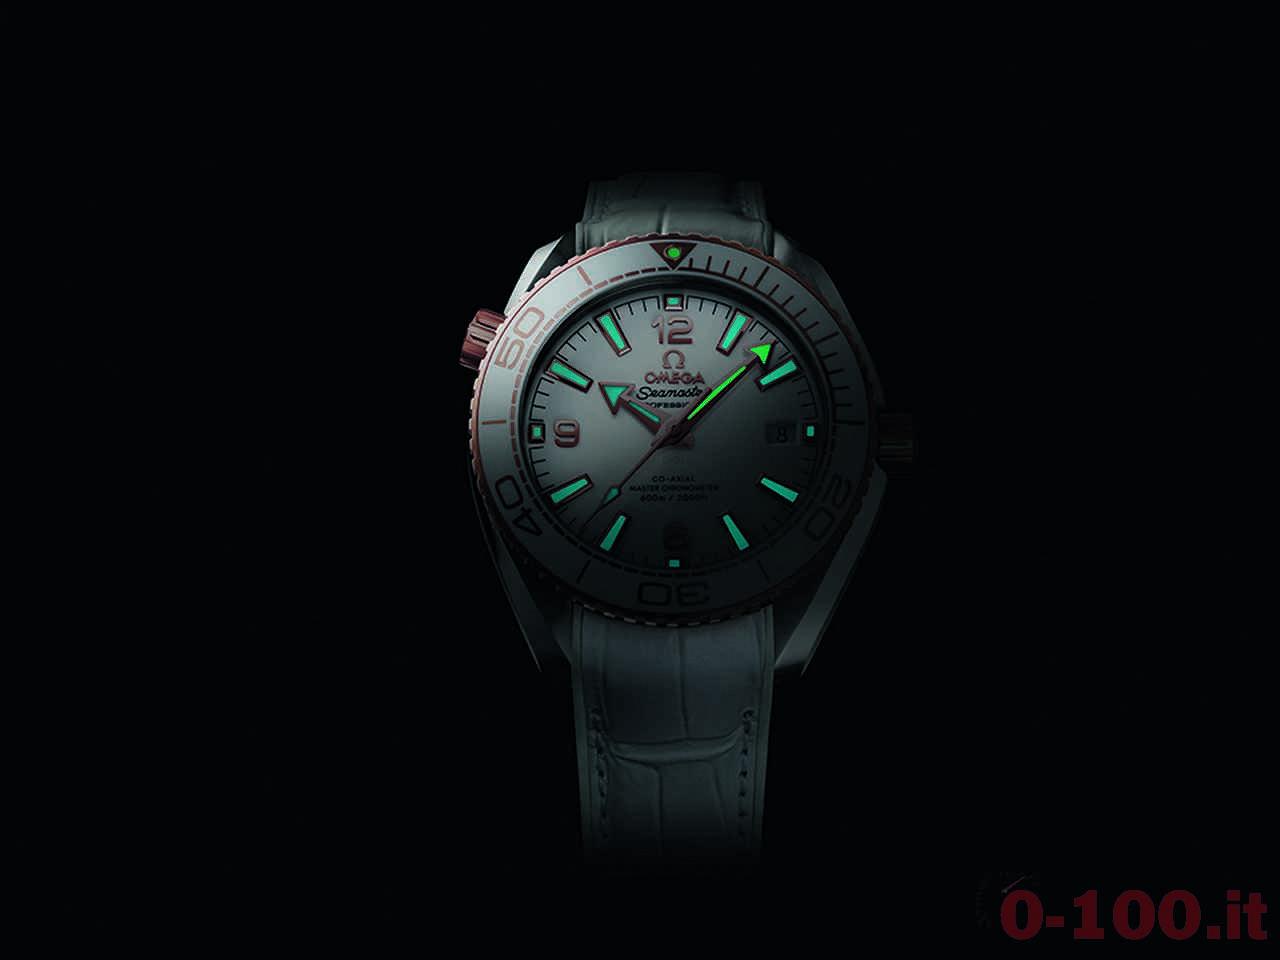 la-nuova-collezione-omega-seamaster-planet-ocean-deep-black-prezzo-price_0-10012